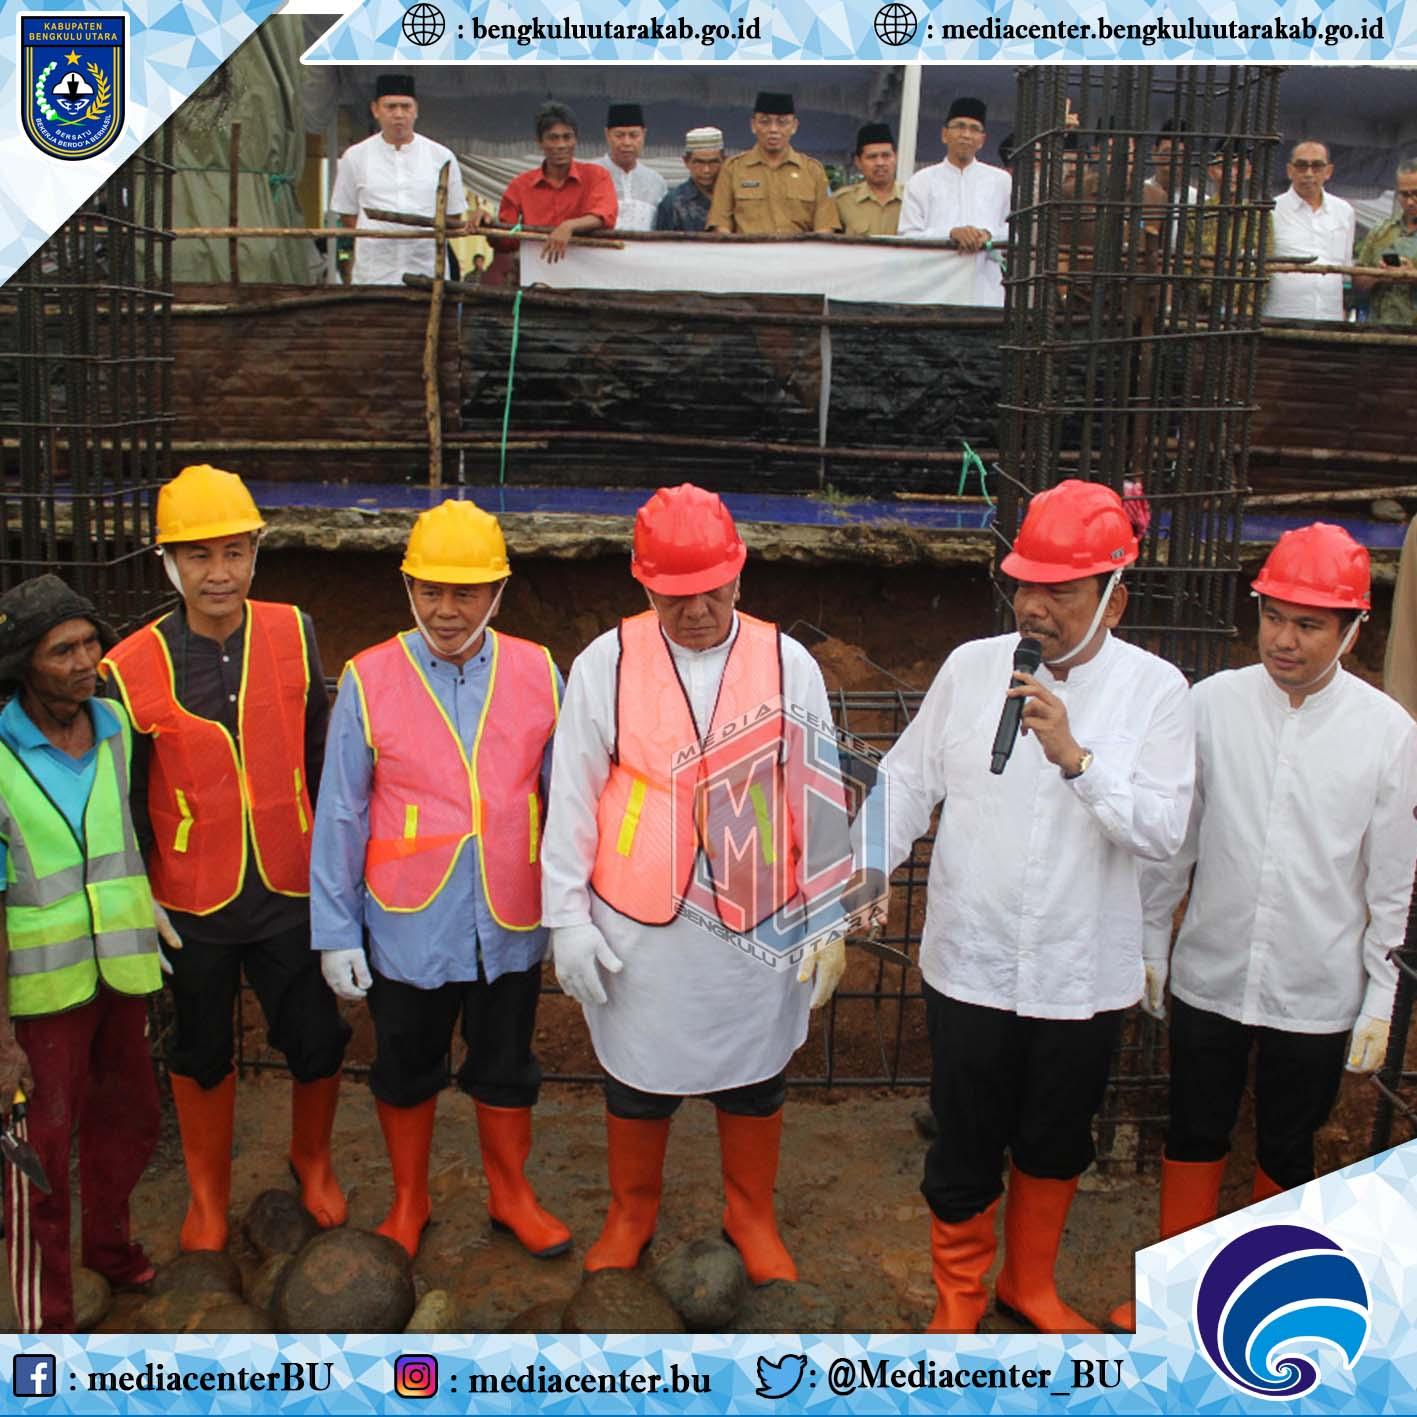 Peletakan Batu Pertama Renovasi Pembangunan Masjid Agung Kabupaten Bengkulu Utara Berjalan Sukses